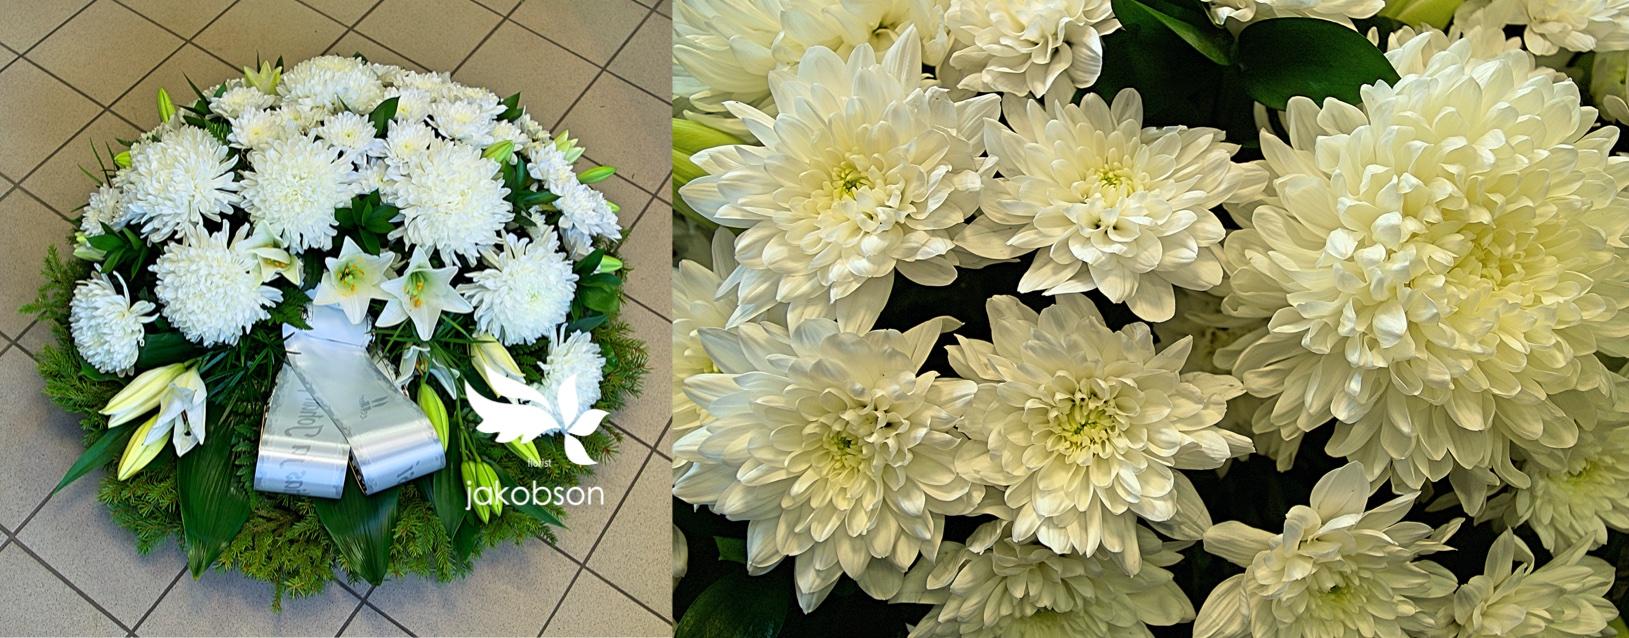 matusepärg23 - Matusepärjad kuuseokstega